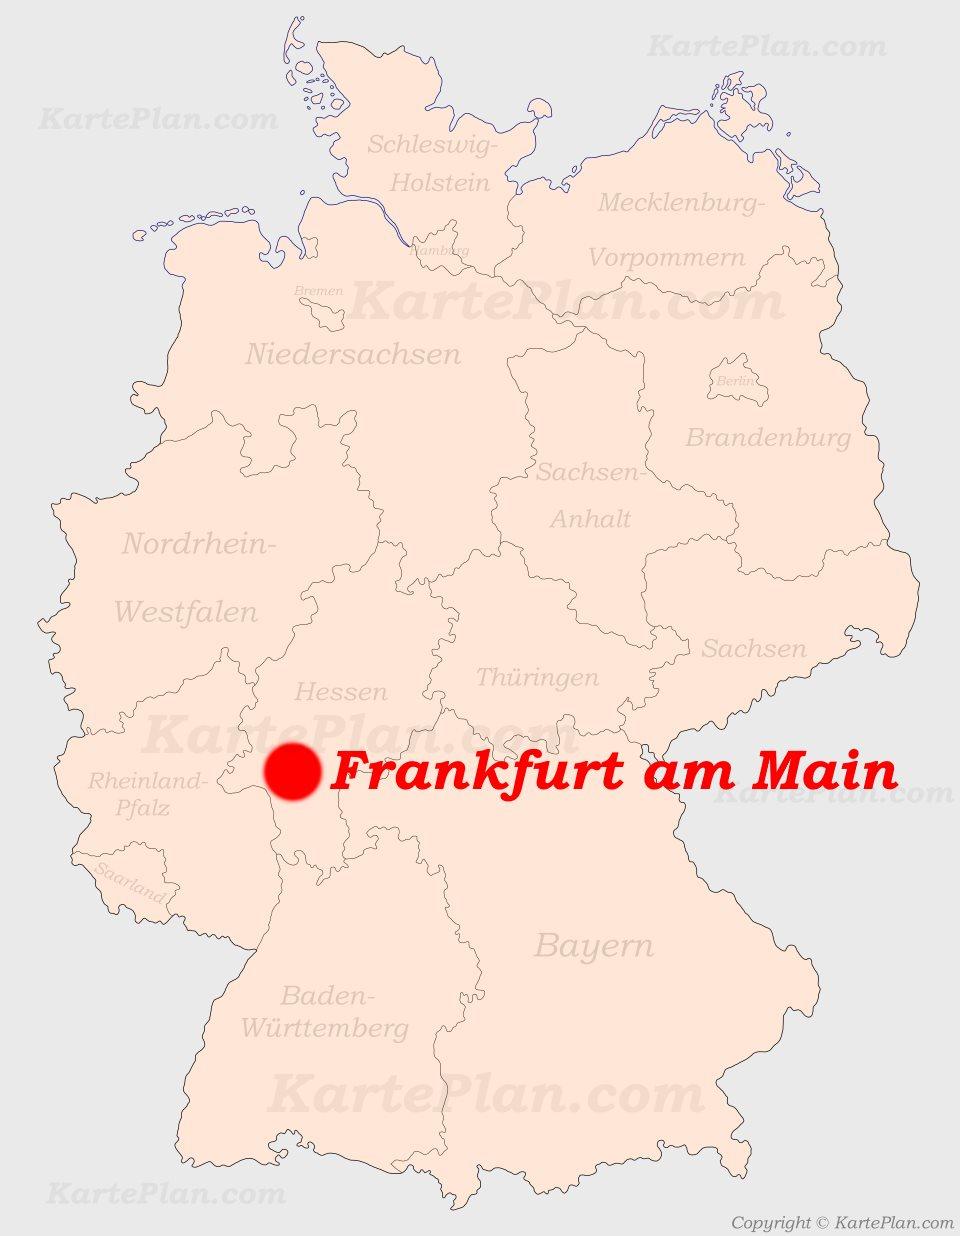 deutschland karte frankfurt am main Frankfurt am Main auf der Deutschlandkarte